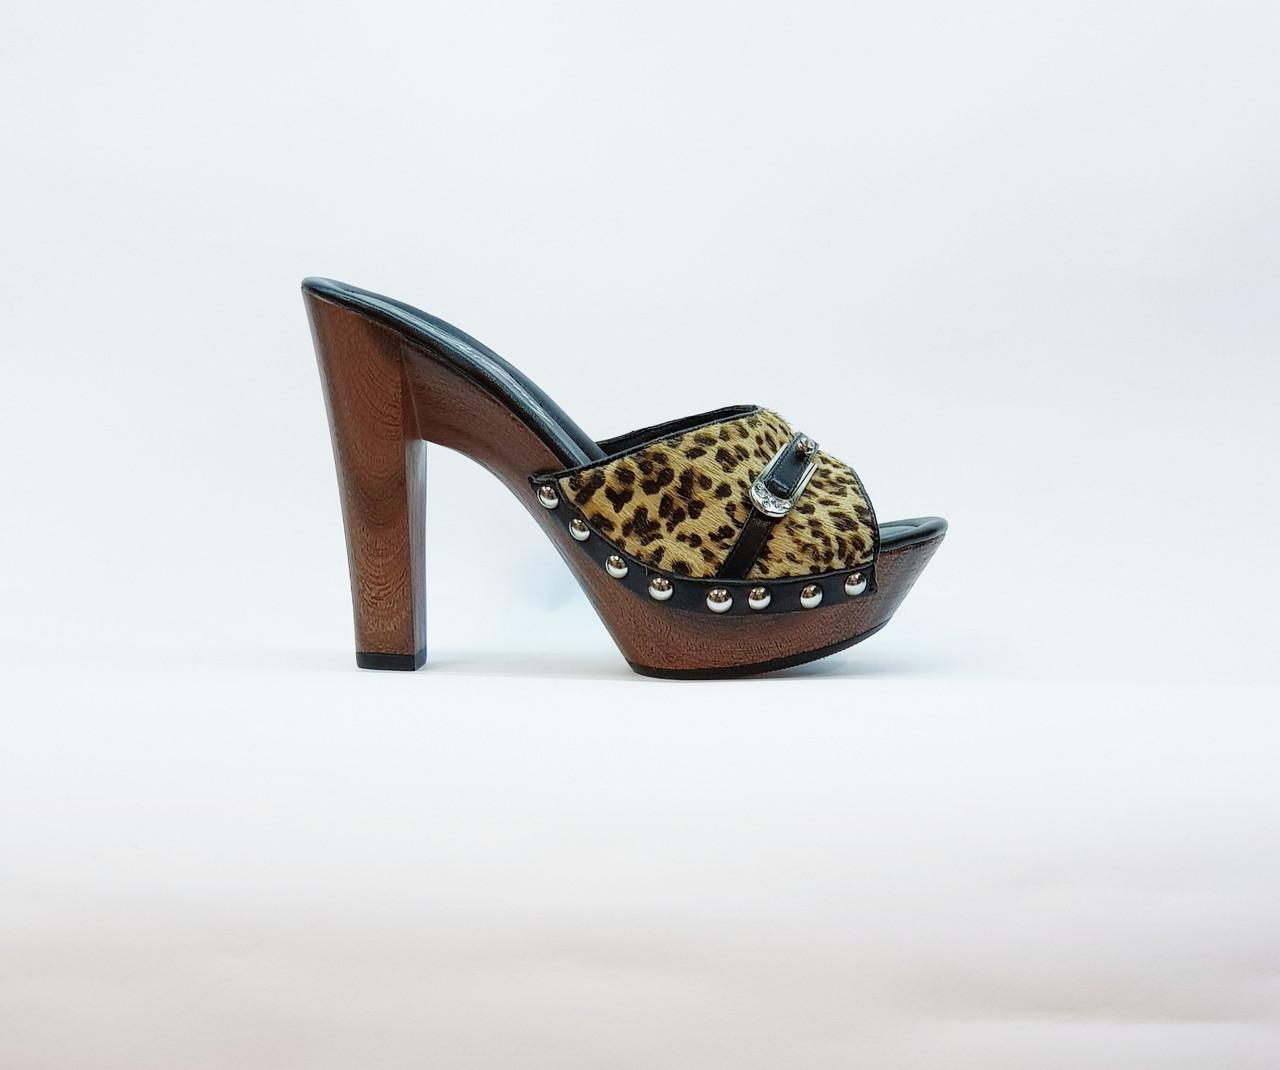 Сабо женские летние Berk бежевые леопардовые натуральная кожа на высоком каблуке и платформе